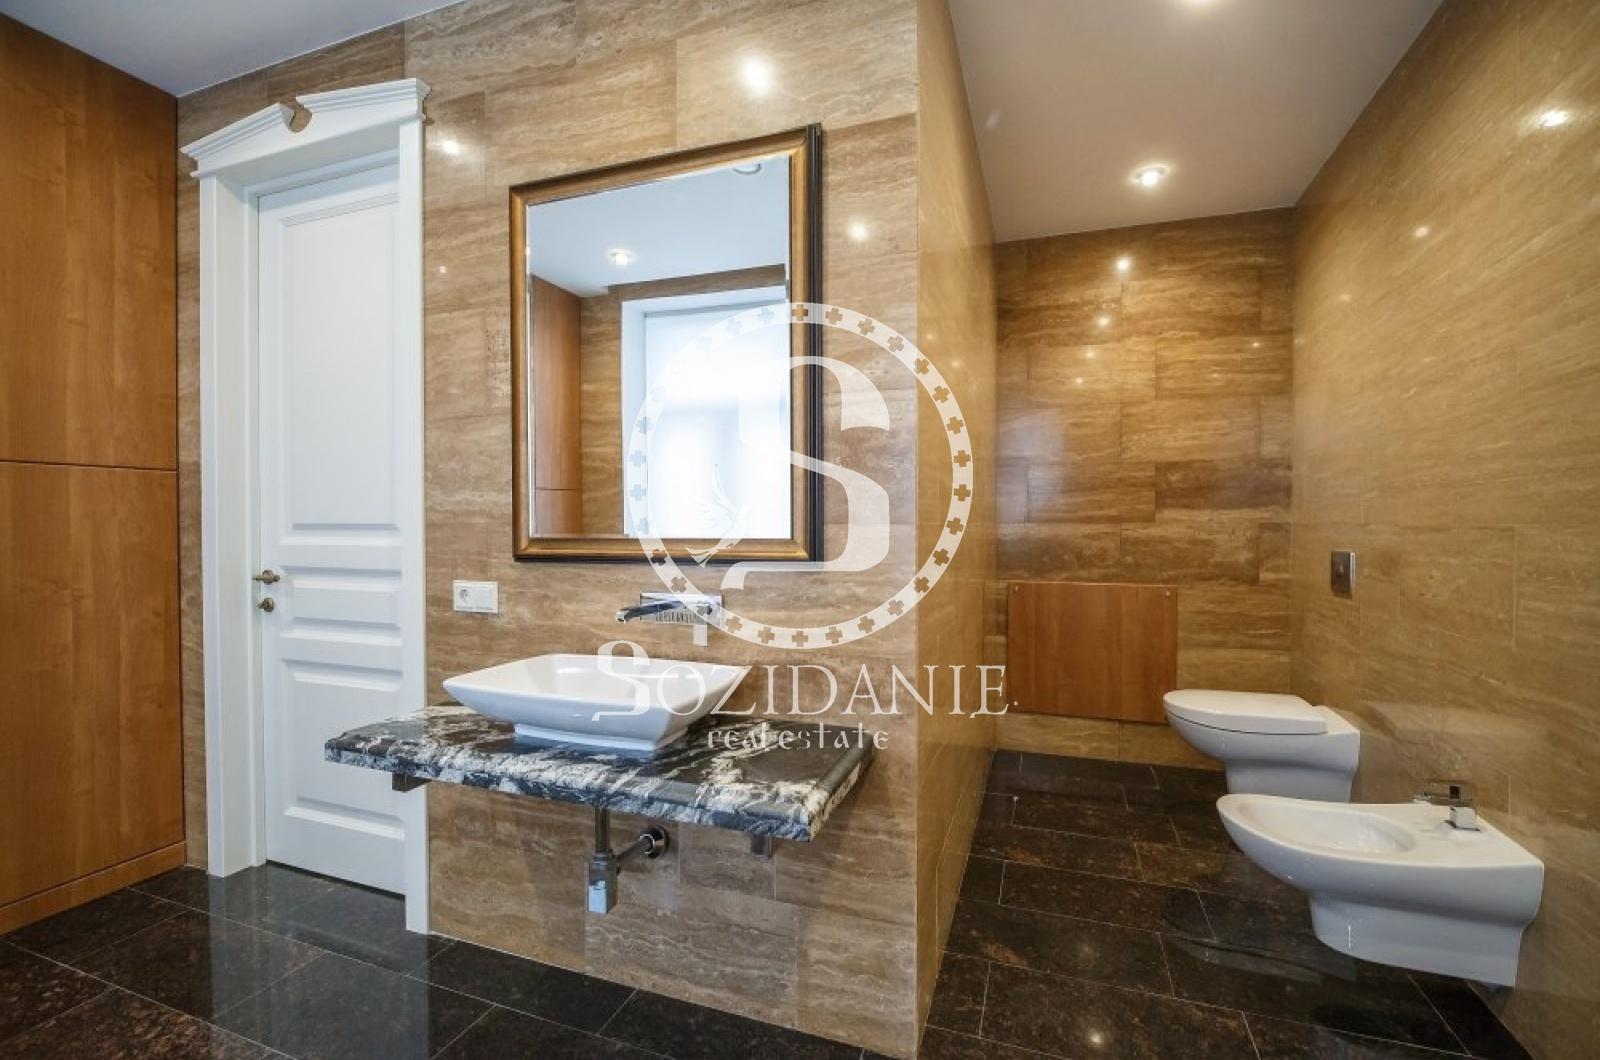 4 Bedrooms, Загородная, Продажа, Listing ID 1502, Московская область, Россия,